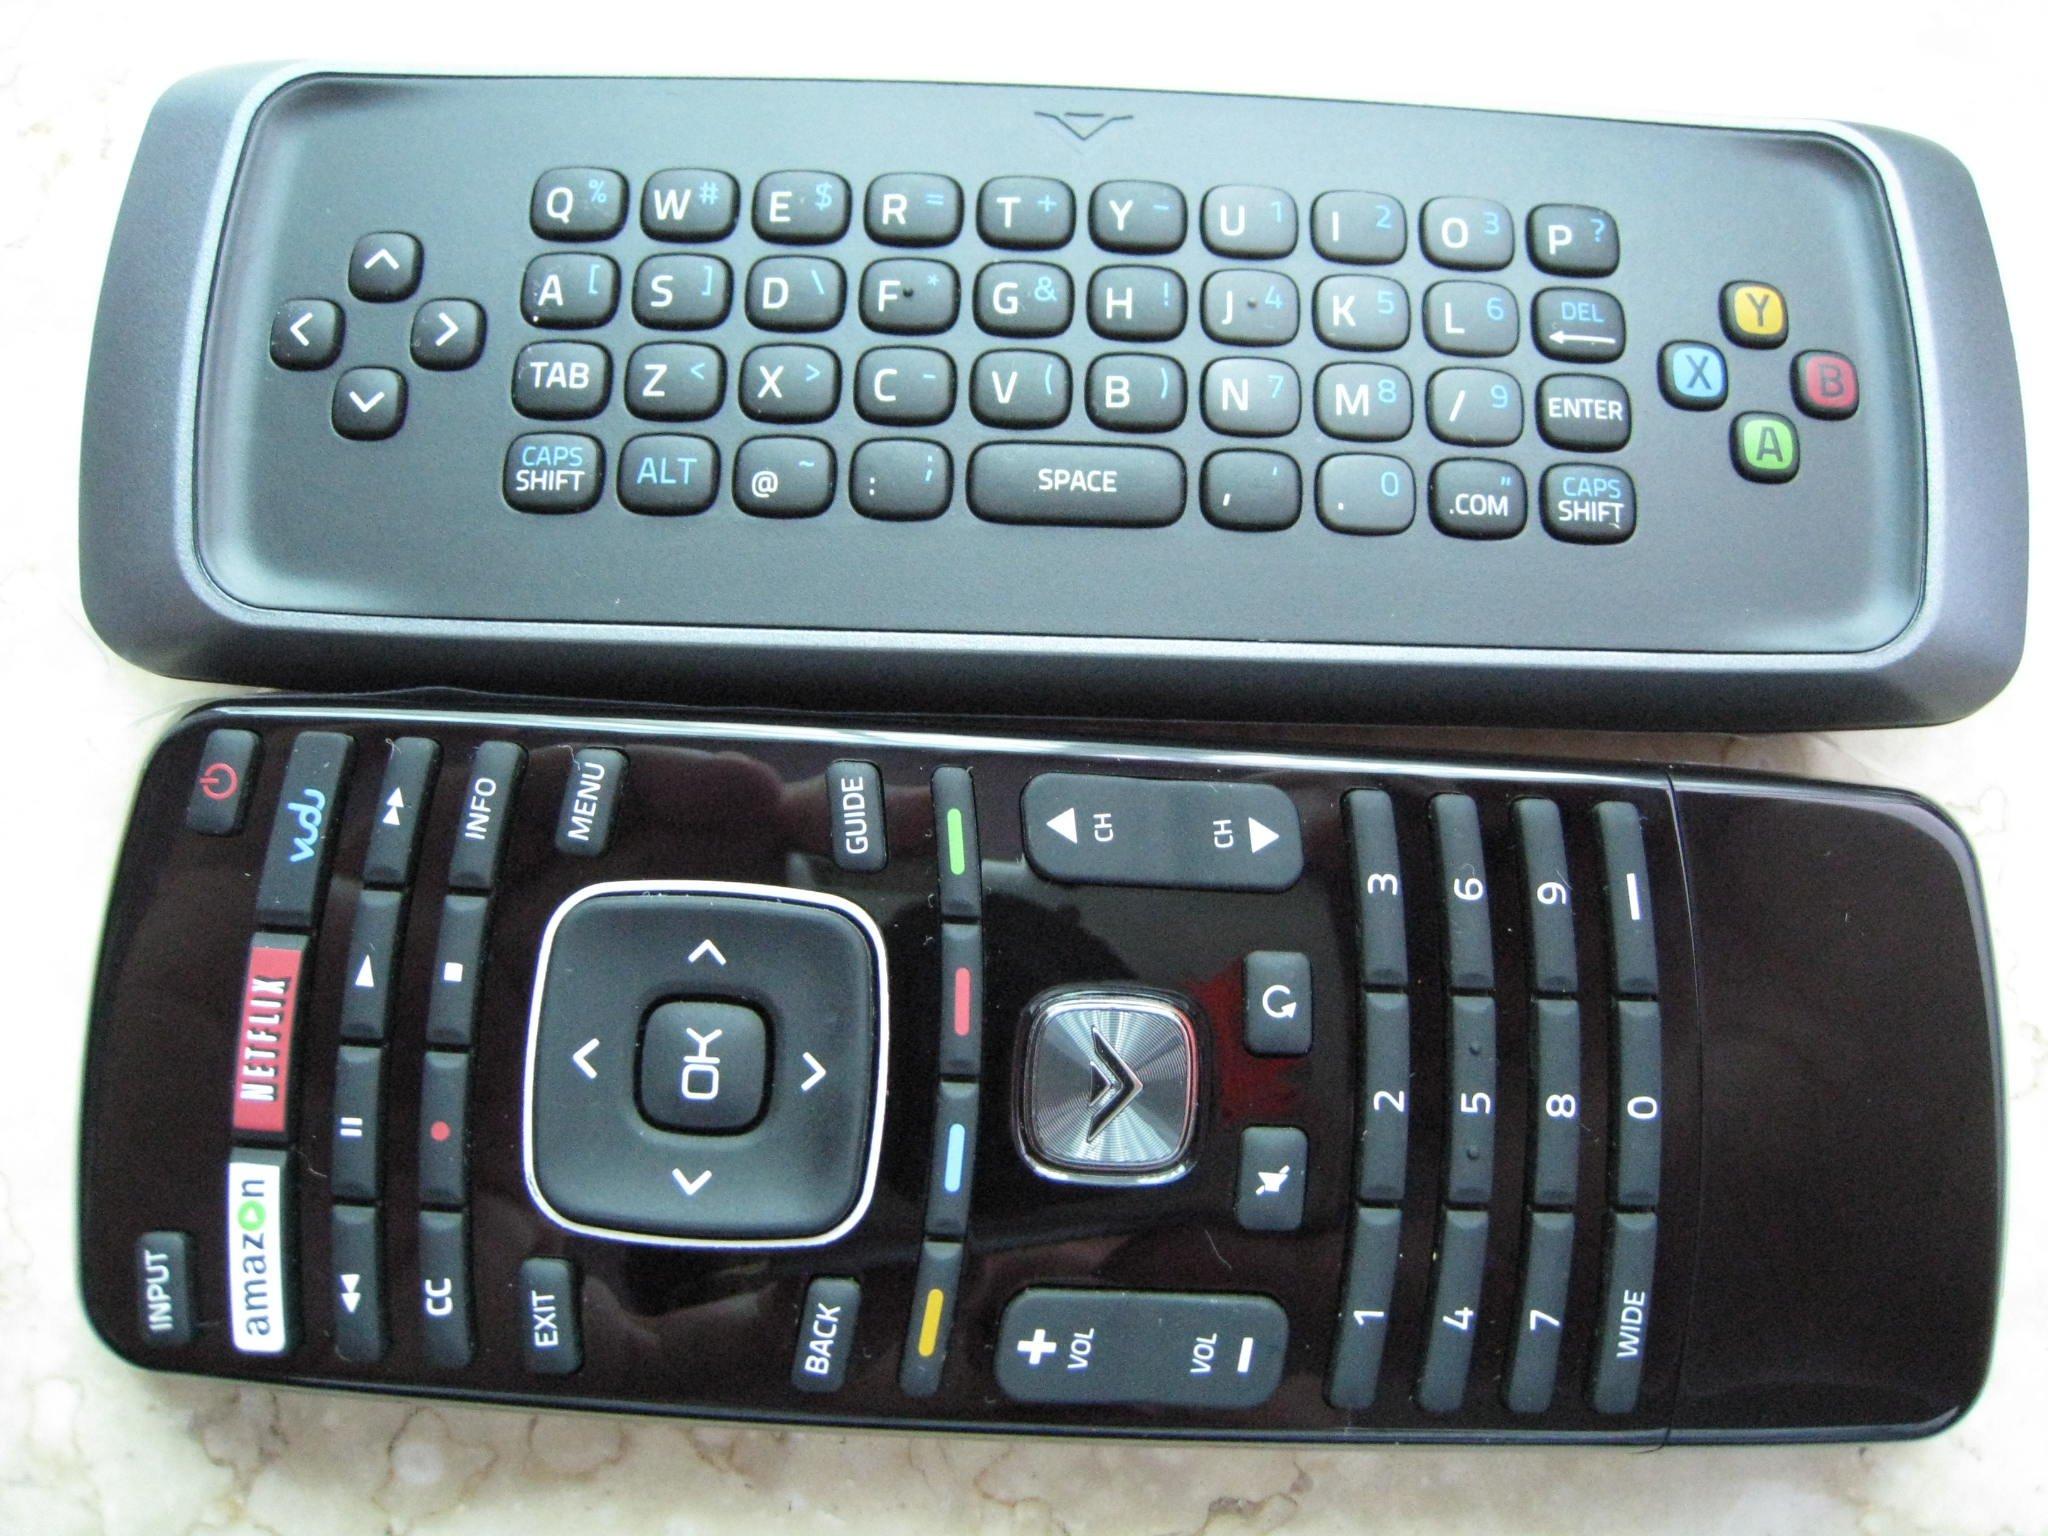 Control Remoto Beyution QWERTY Dual Side Keyboard Interne...